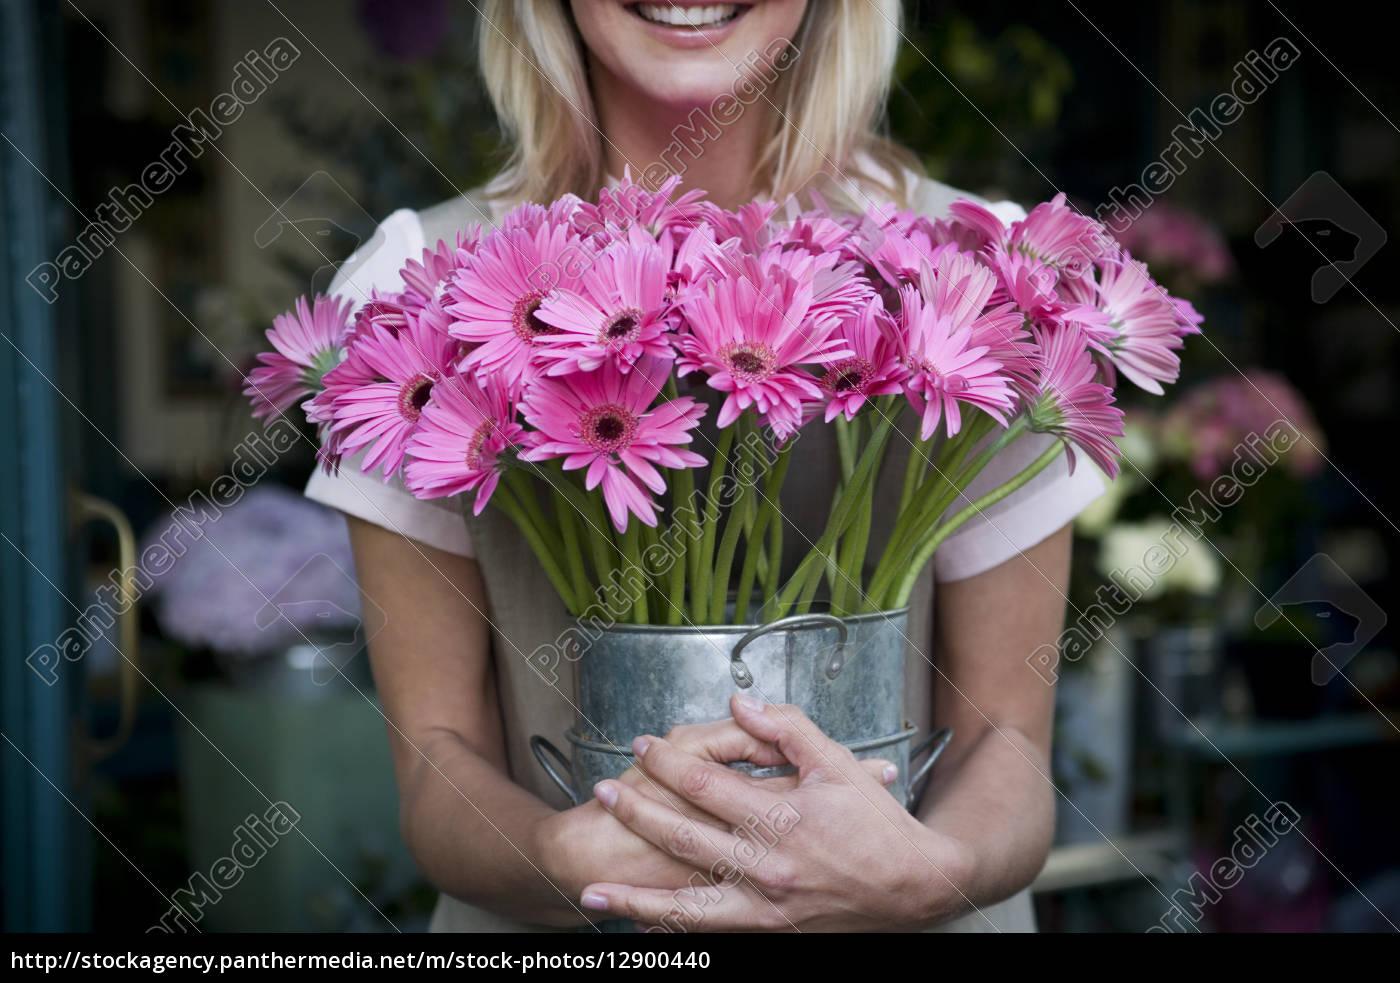 frau, lachen, lacht, lachend, belächeln, kichern - 12900440